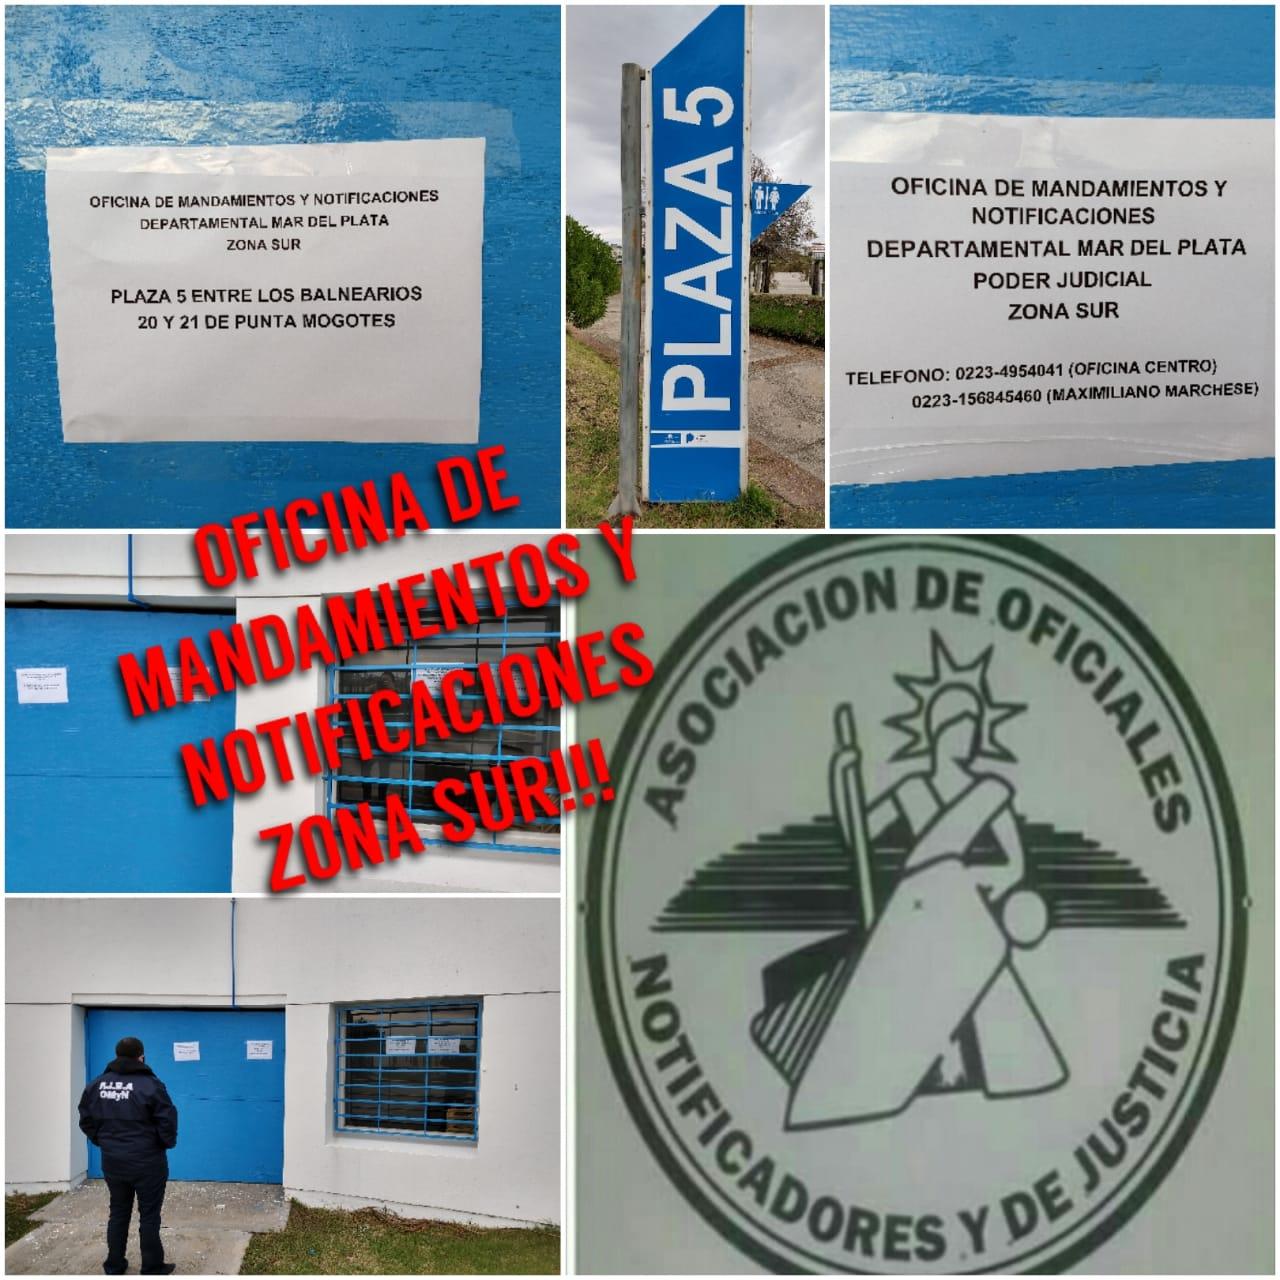 Habilitan un espacio para agentes notificadores en complejo de Punta Mogotes